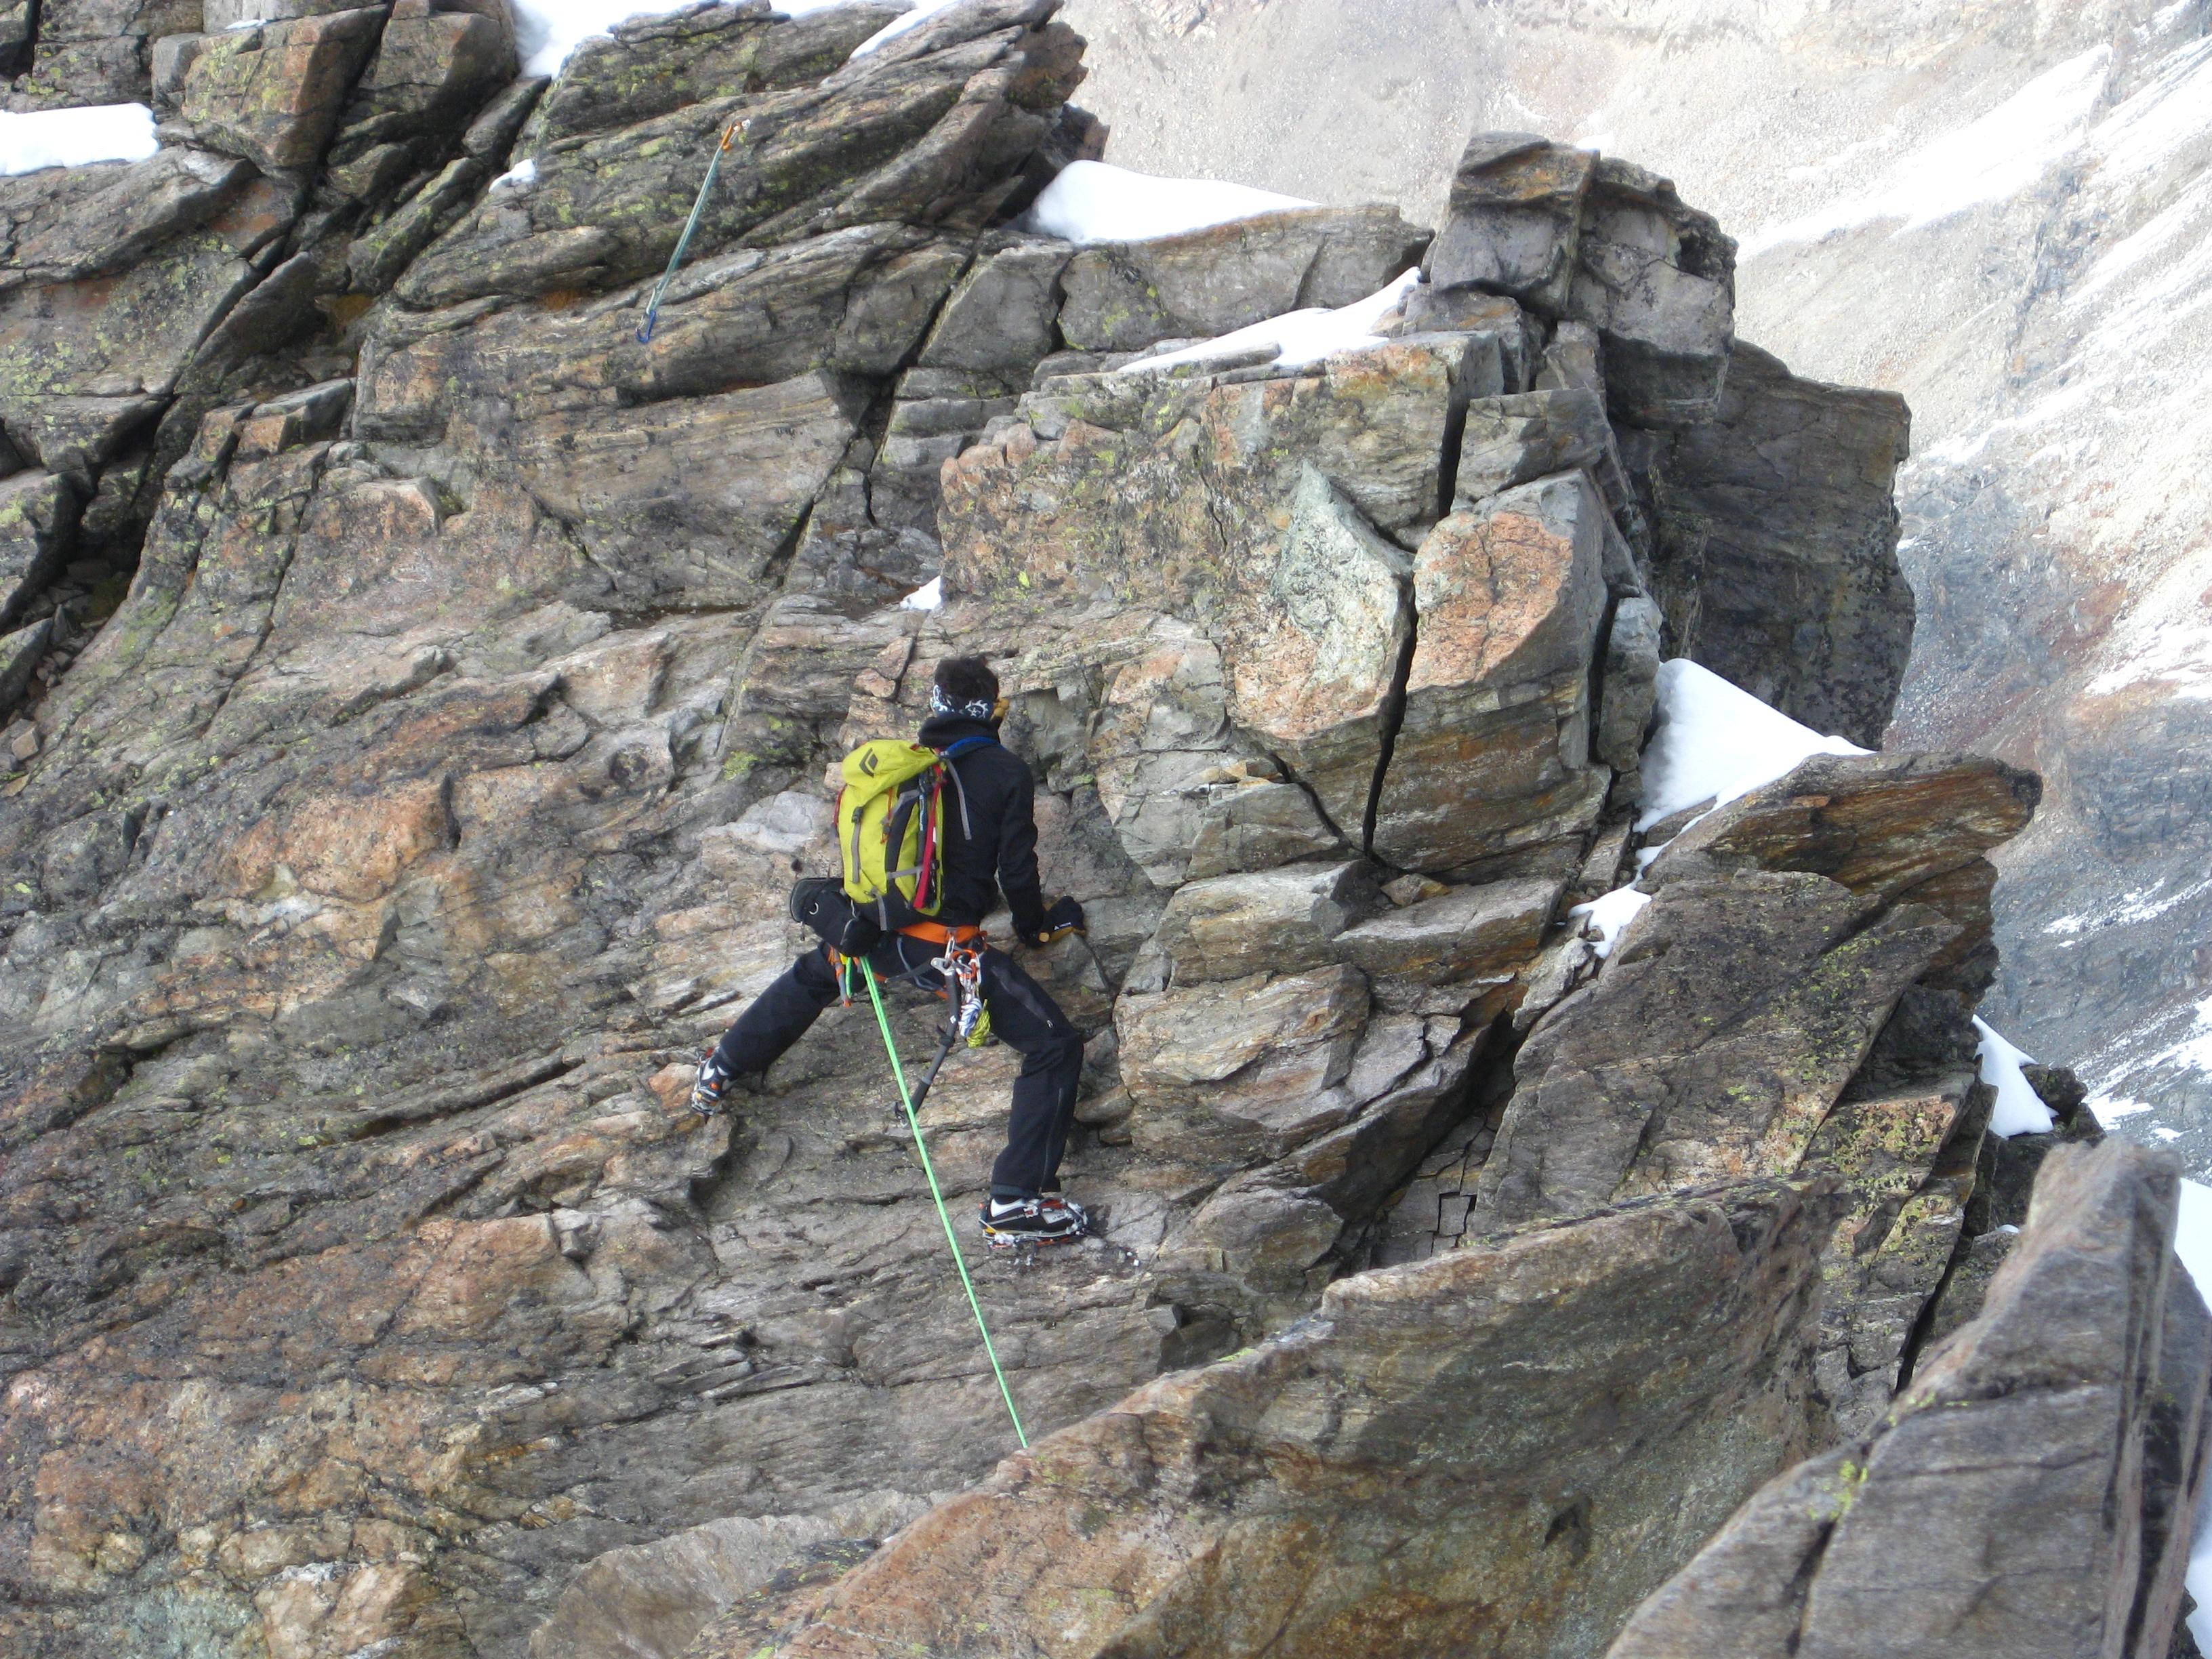 Klettergurt Mit Rucksack : Wie die dslr kamera in den bergen transportieren? ulligunde.com